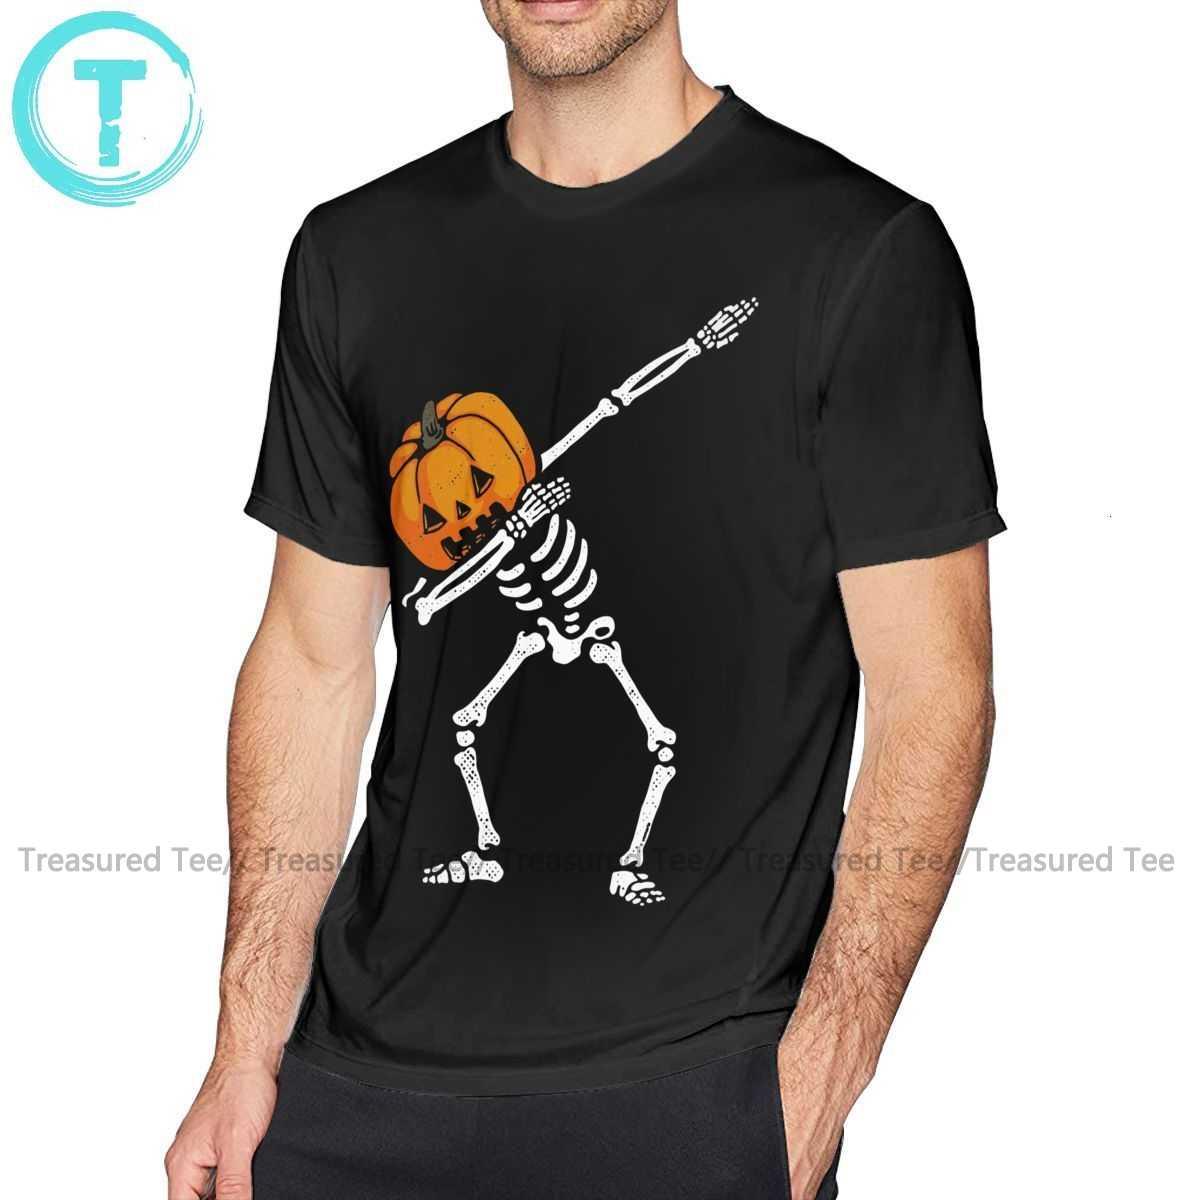 Футболка в стиле хип хоп на Хэллоуин футболка с изображением тыквы и скелета